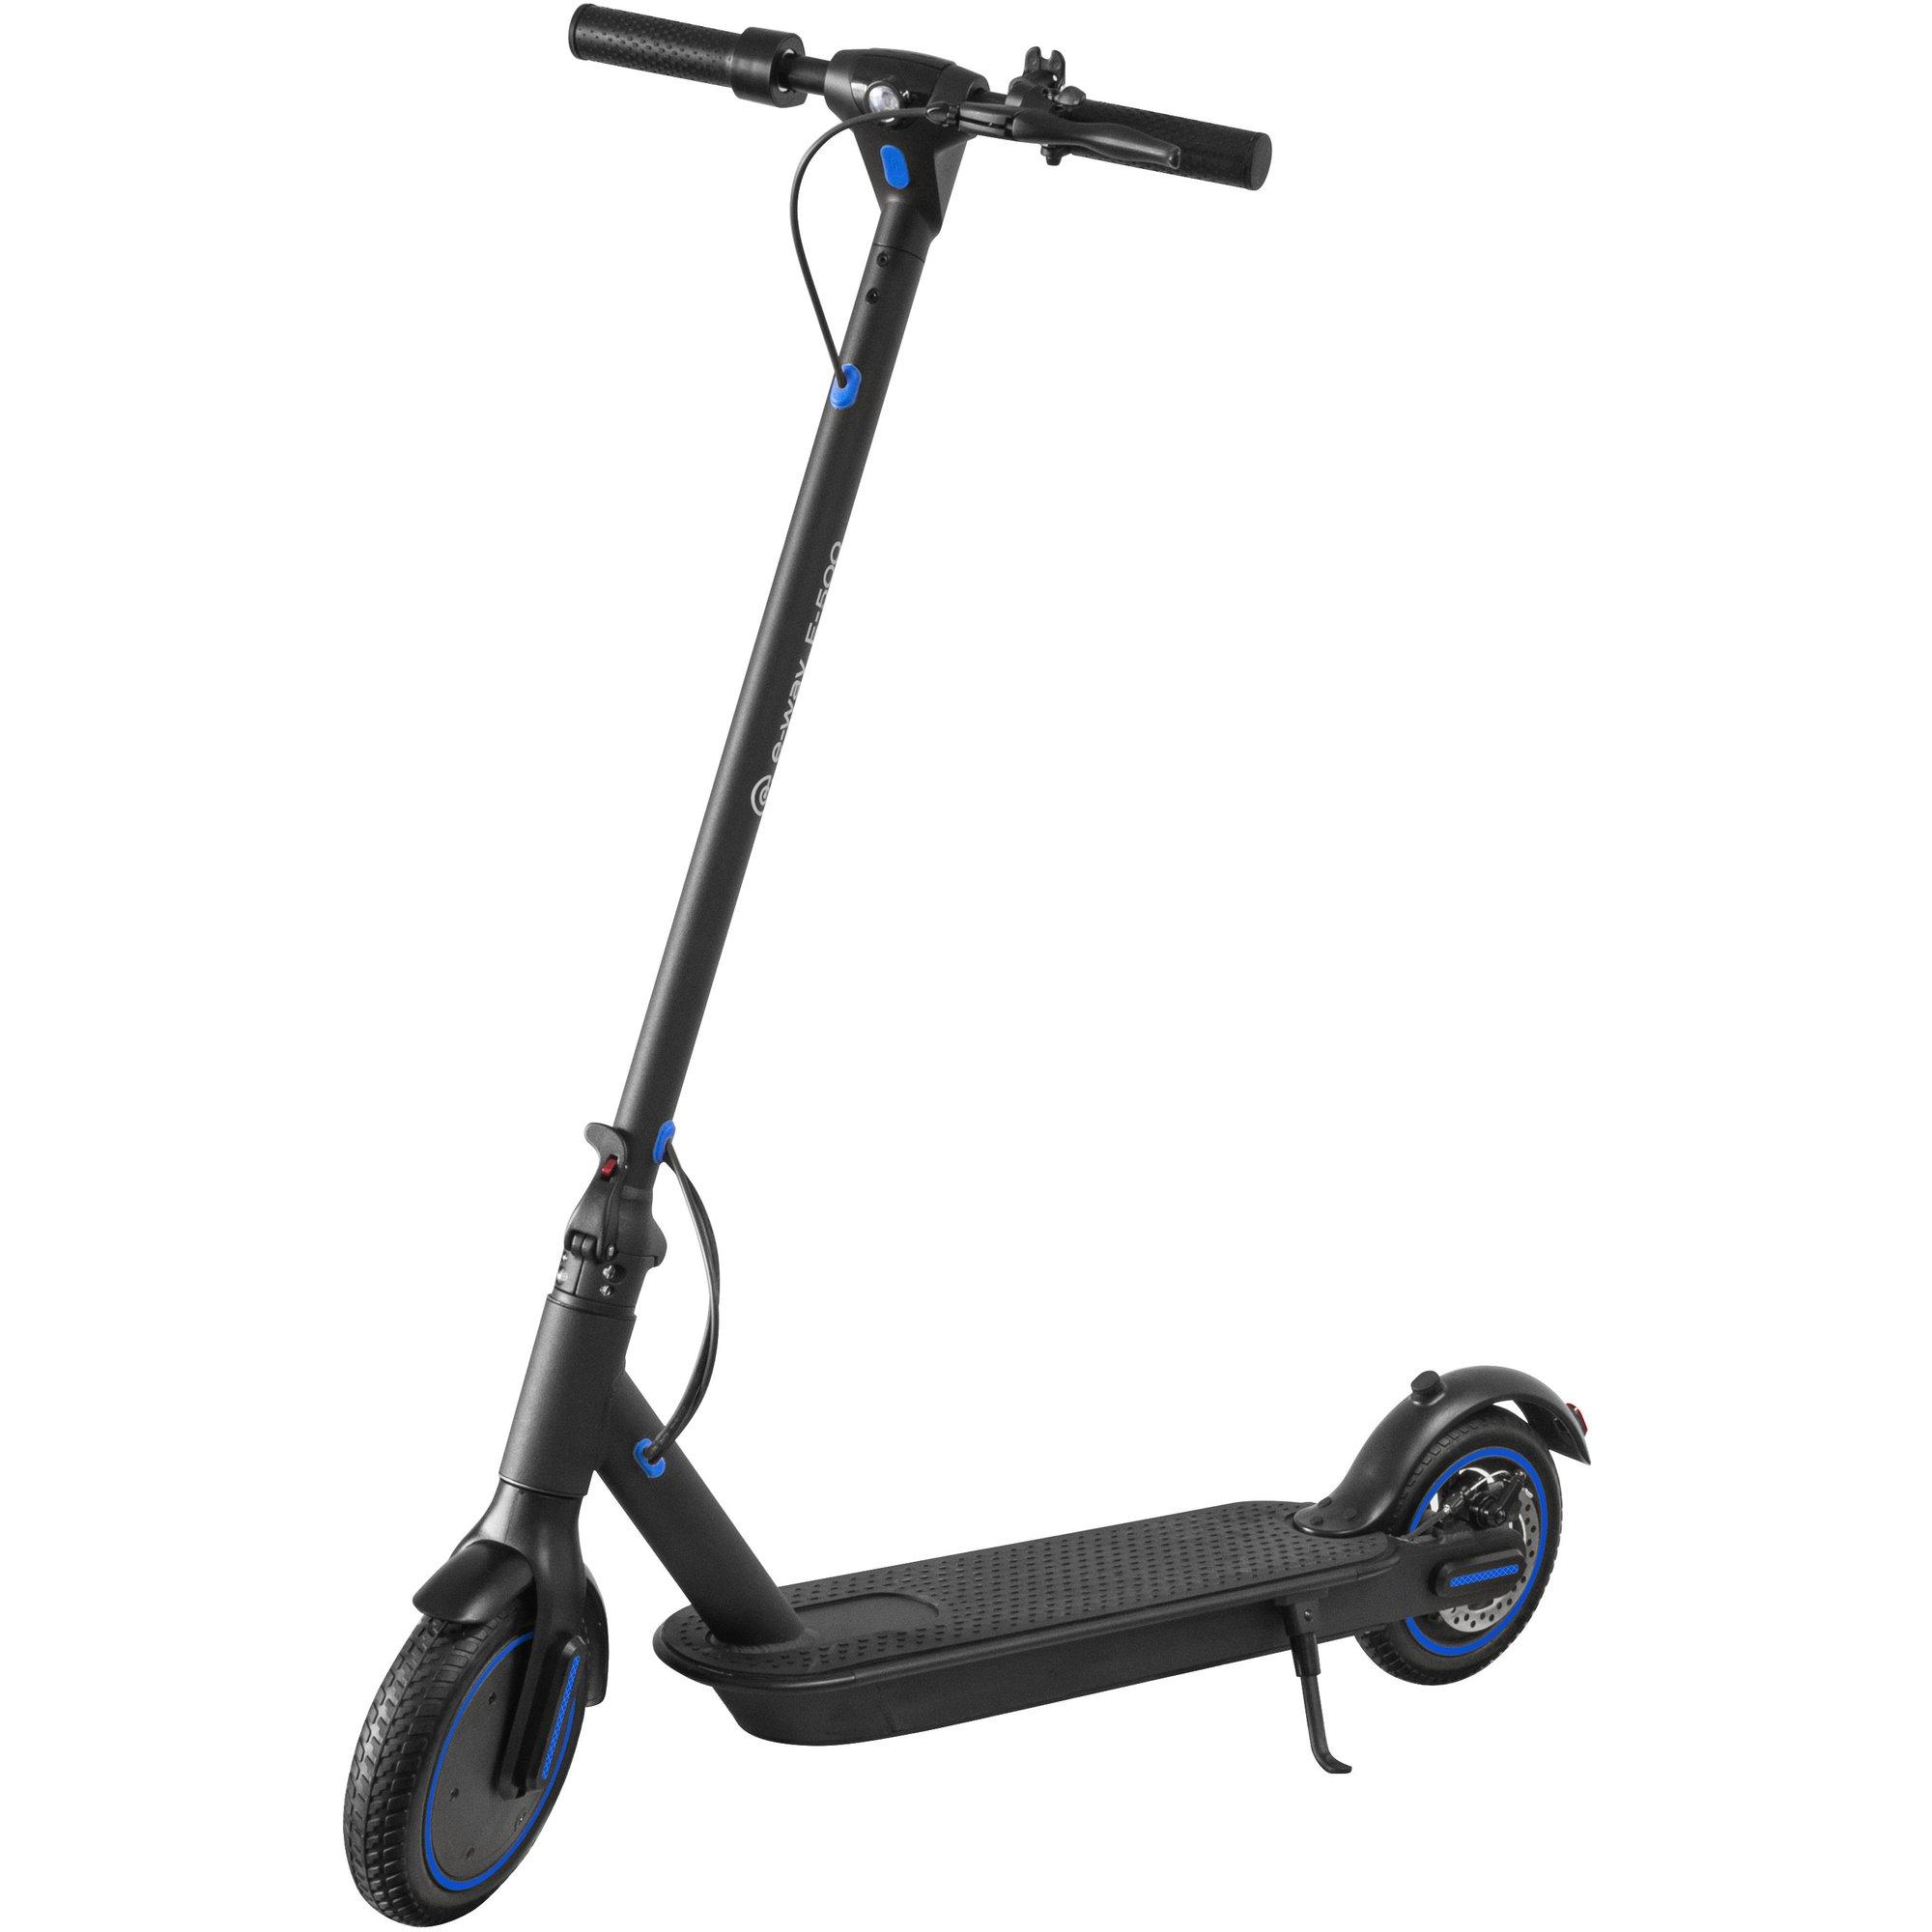 E-Way 500 elscooter